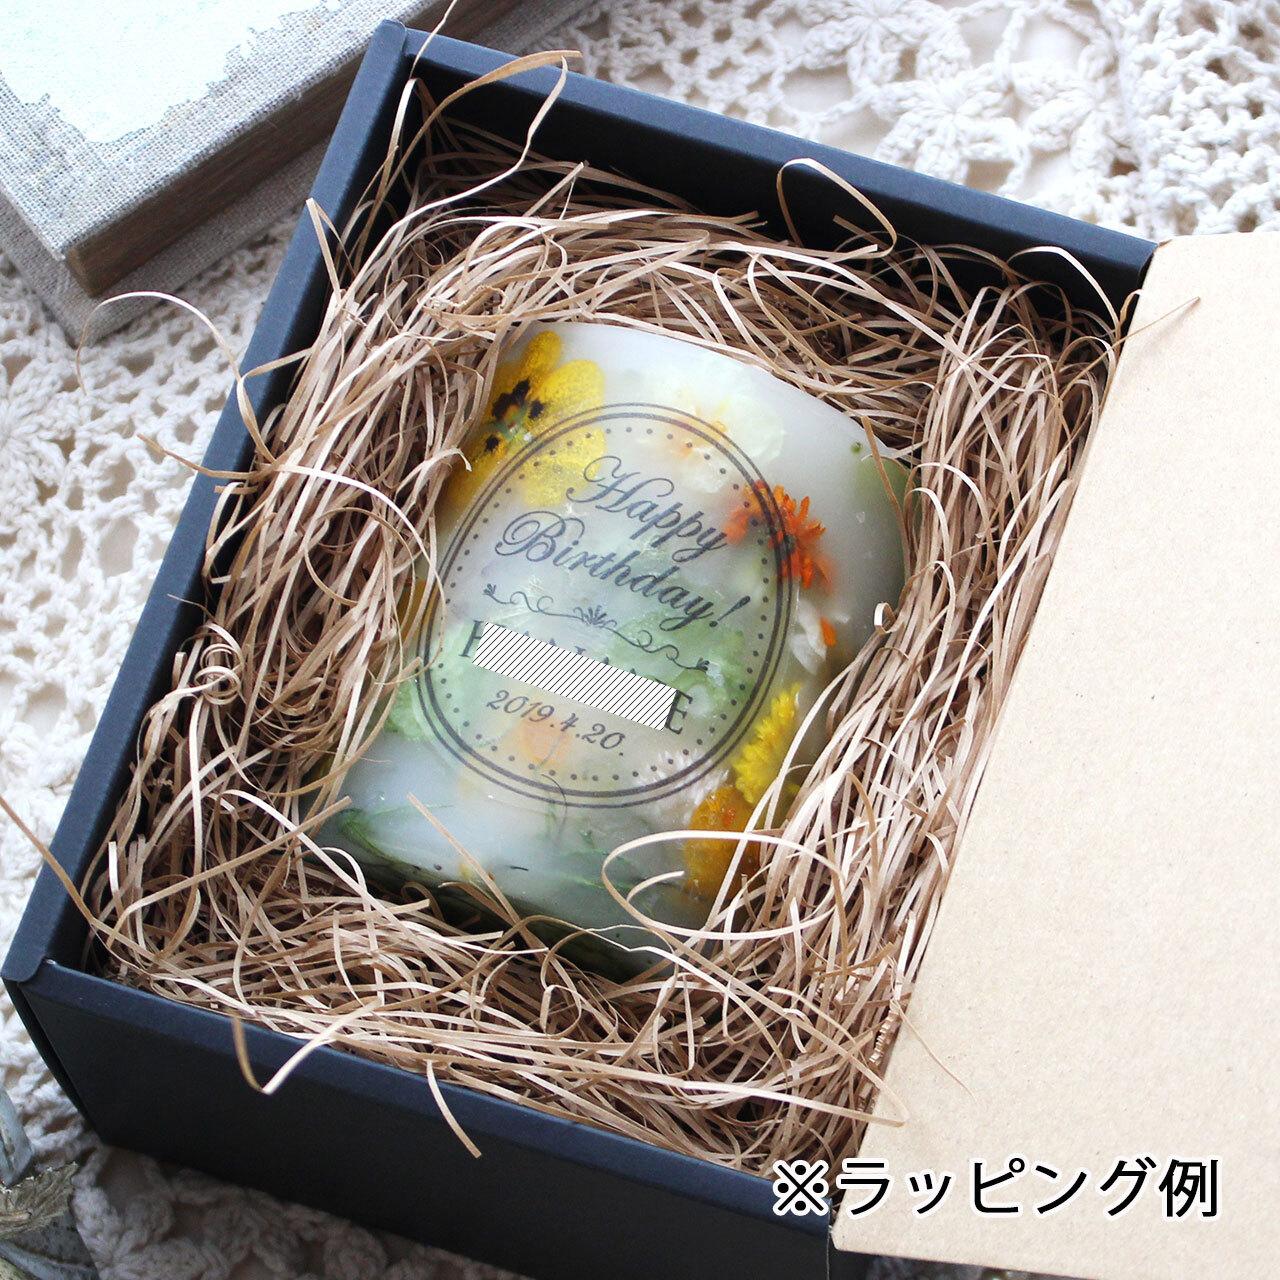 NC246 ギフトラッピング付き☆メッセージ&日付&名入れボタニカルキャンドル ラナンキュラス